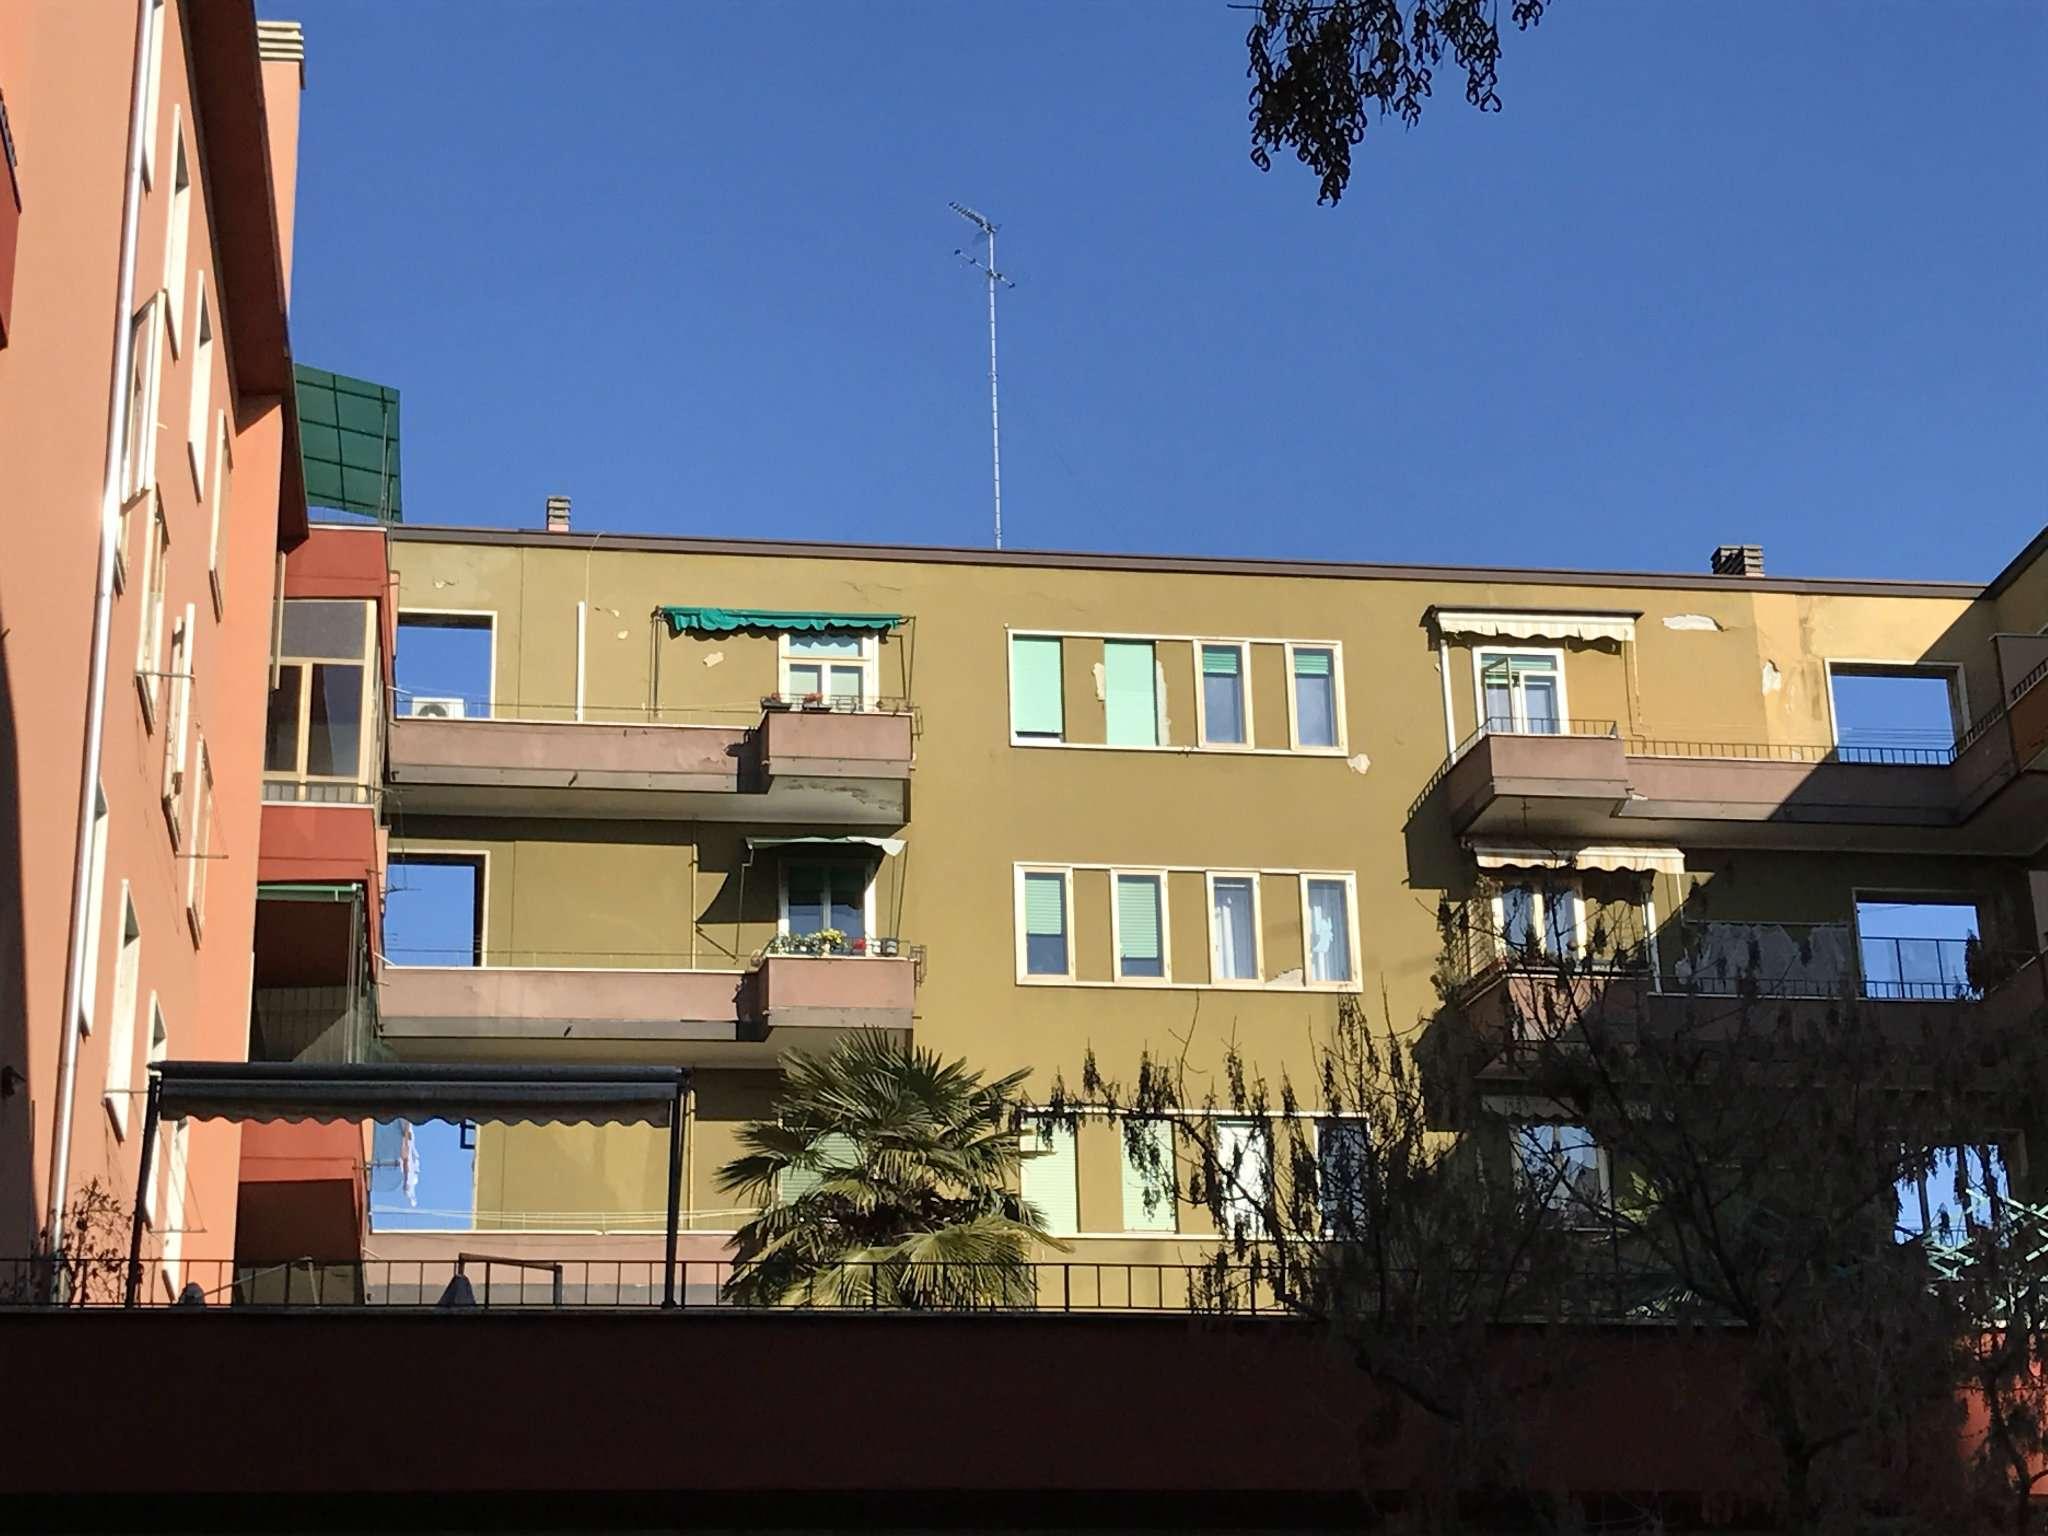 Appartamento in vendita a Venezia, 4 locali, zona Zona: 11 . Mestre, prezzo € 115.000 | Cambio Casa.it